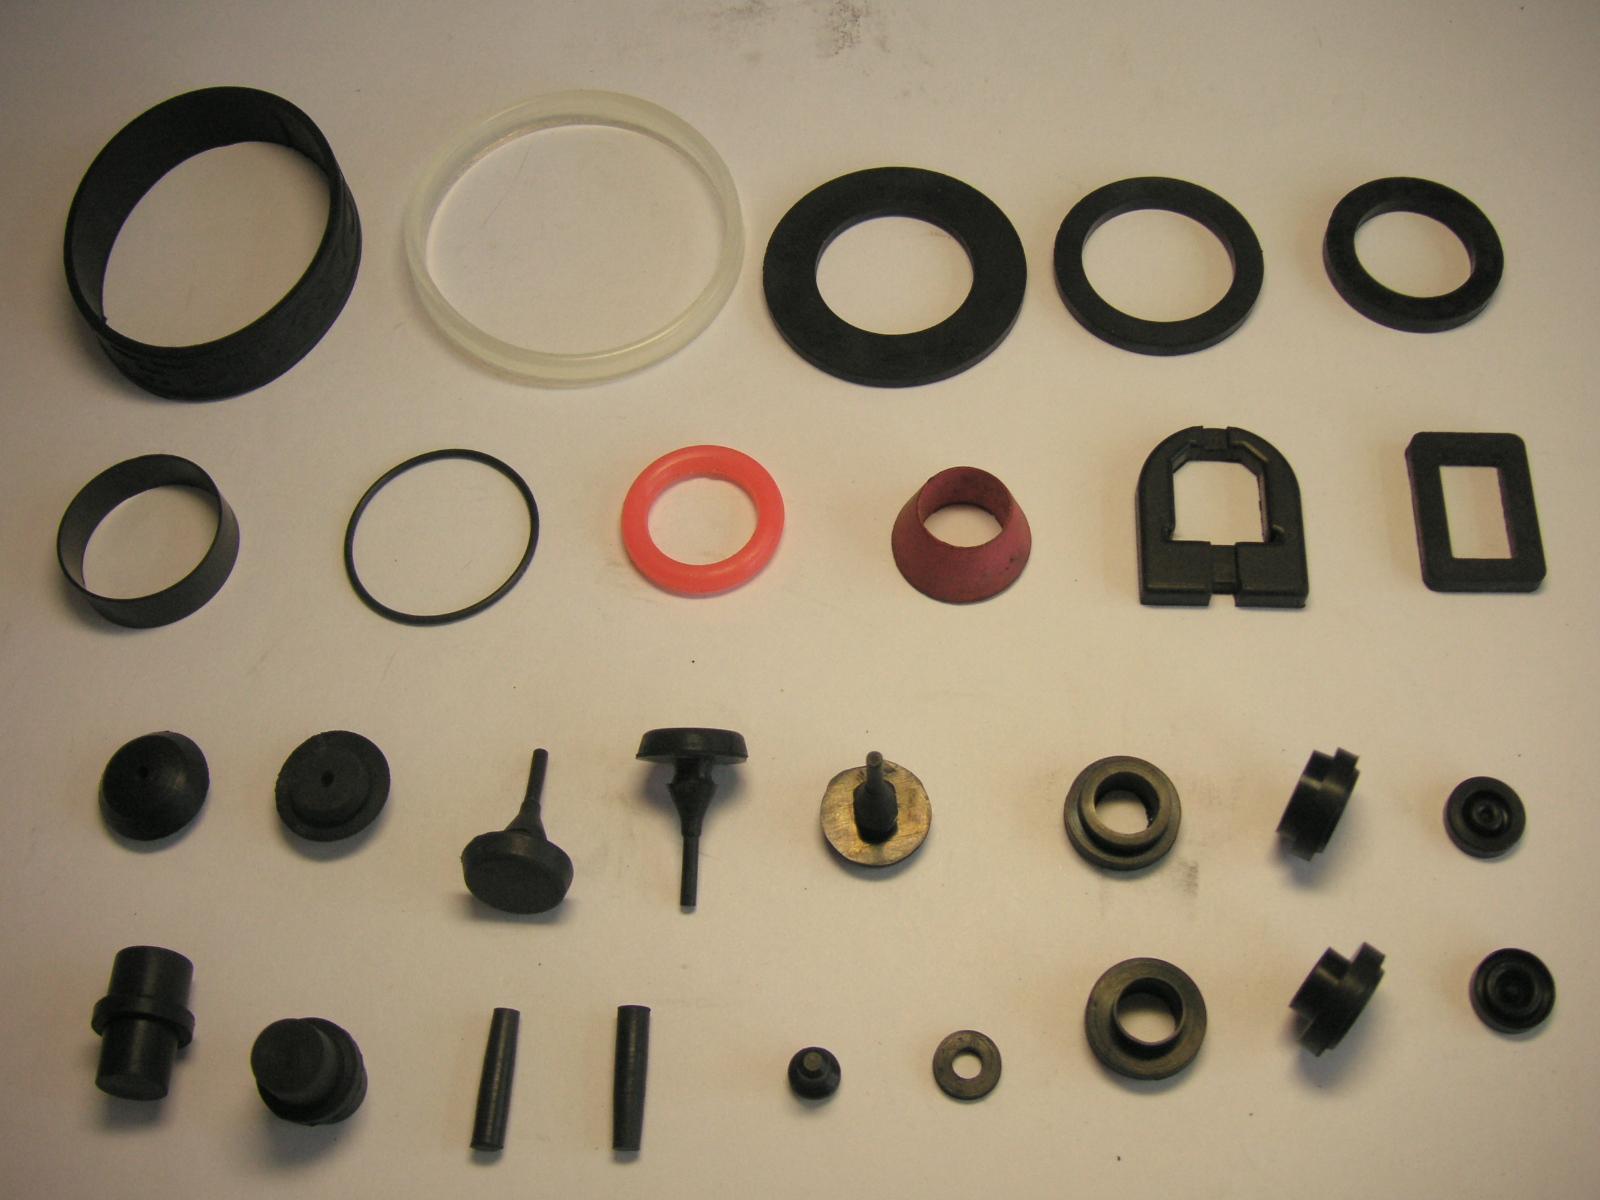 勤發矽膠橡膠 吸盤、吸嘴、潛水咬嘴、迫緊、手工皂模、醫療矽膠